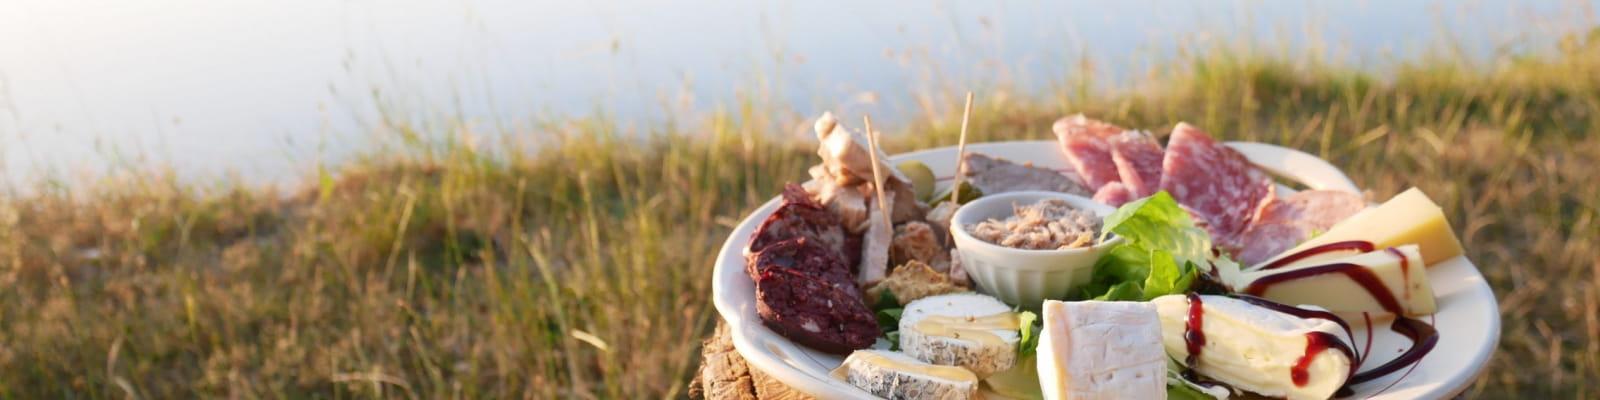 Assiette de fromage et de charcuterie au bord d'un point d'eau